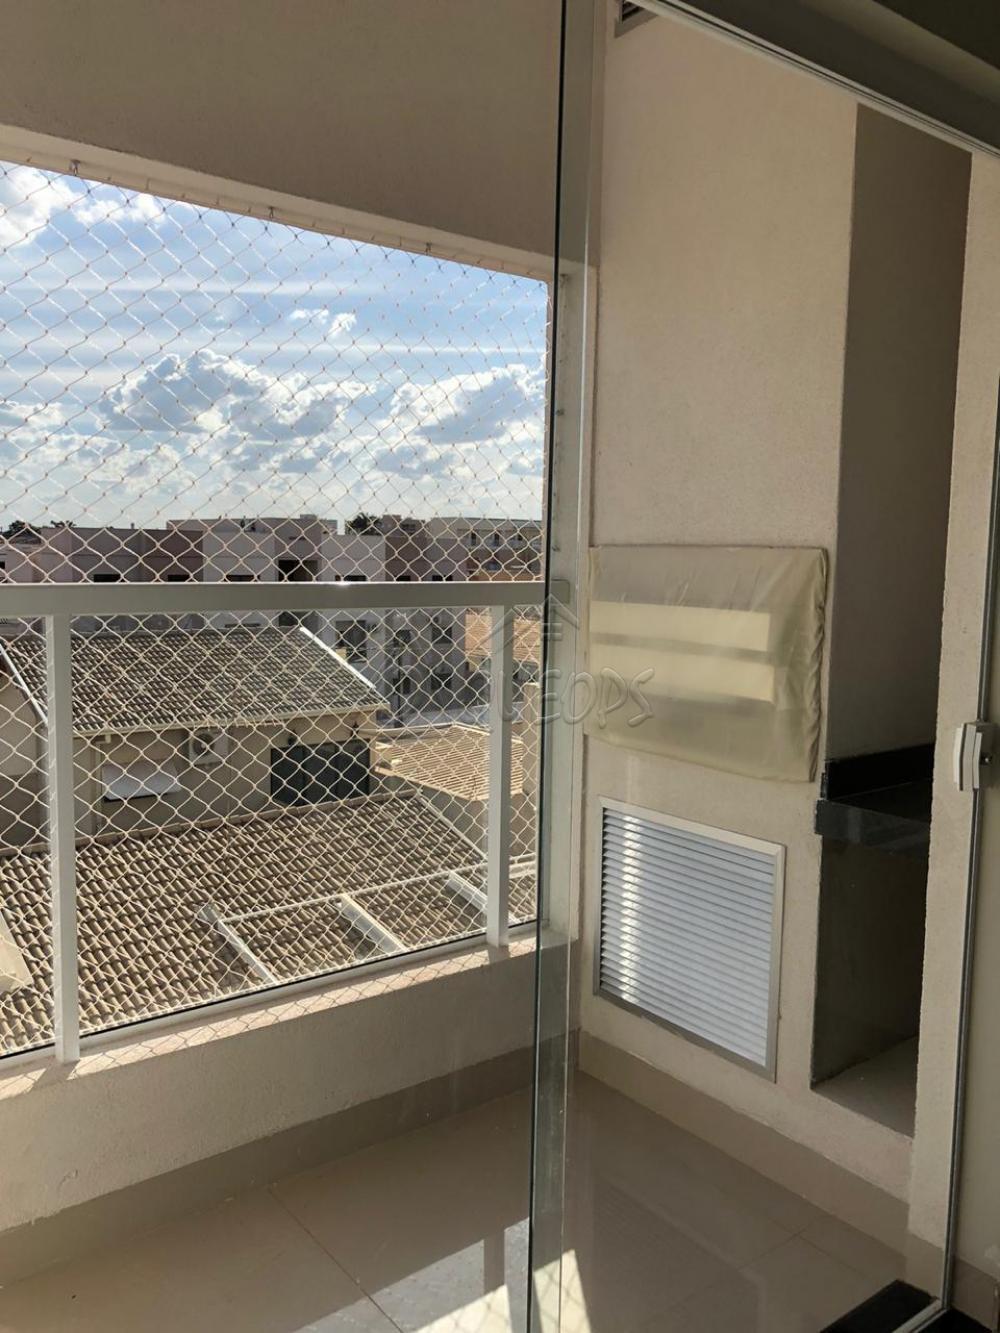 Alugar Apartamento / Padrão em Barretos apenas R$ 2.500,00 - Foto 4